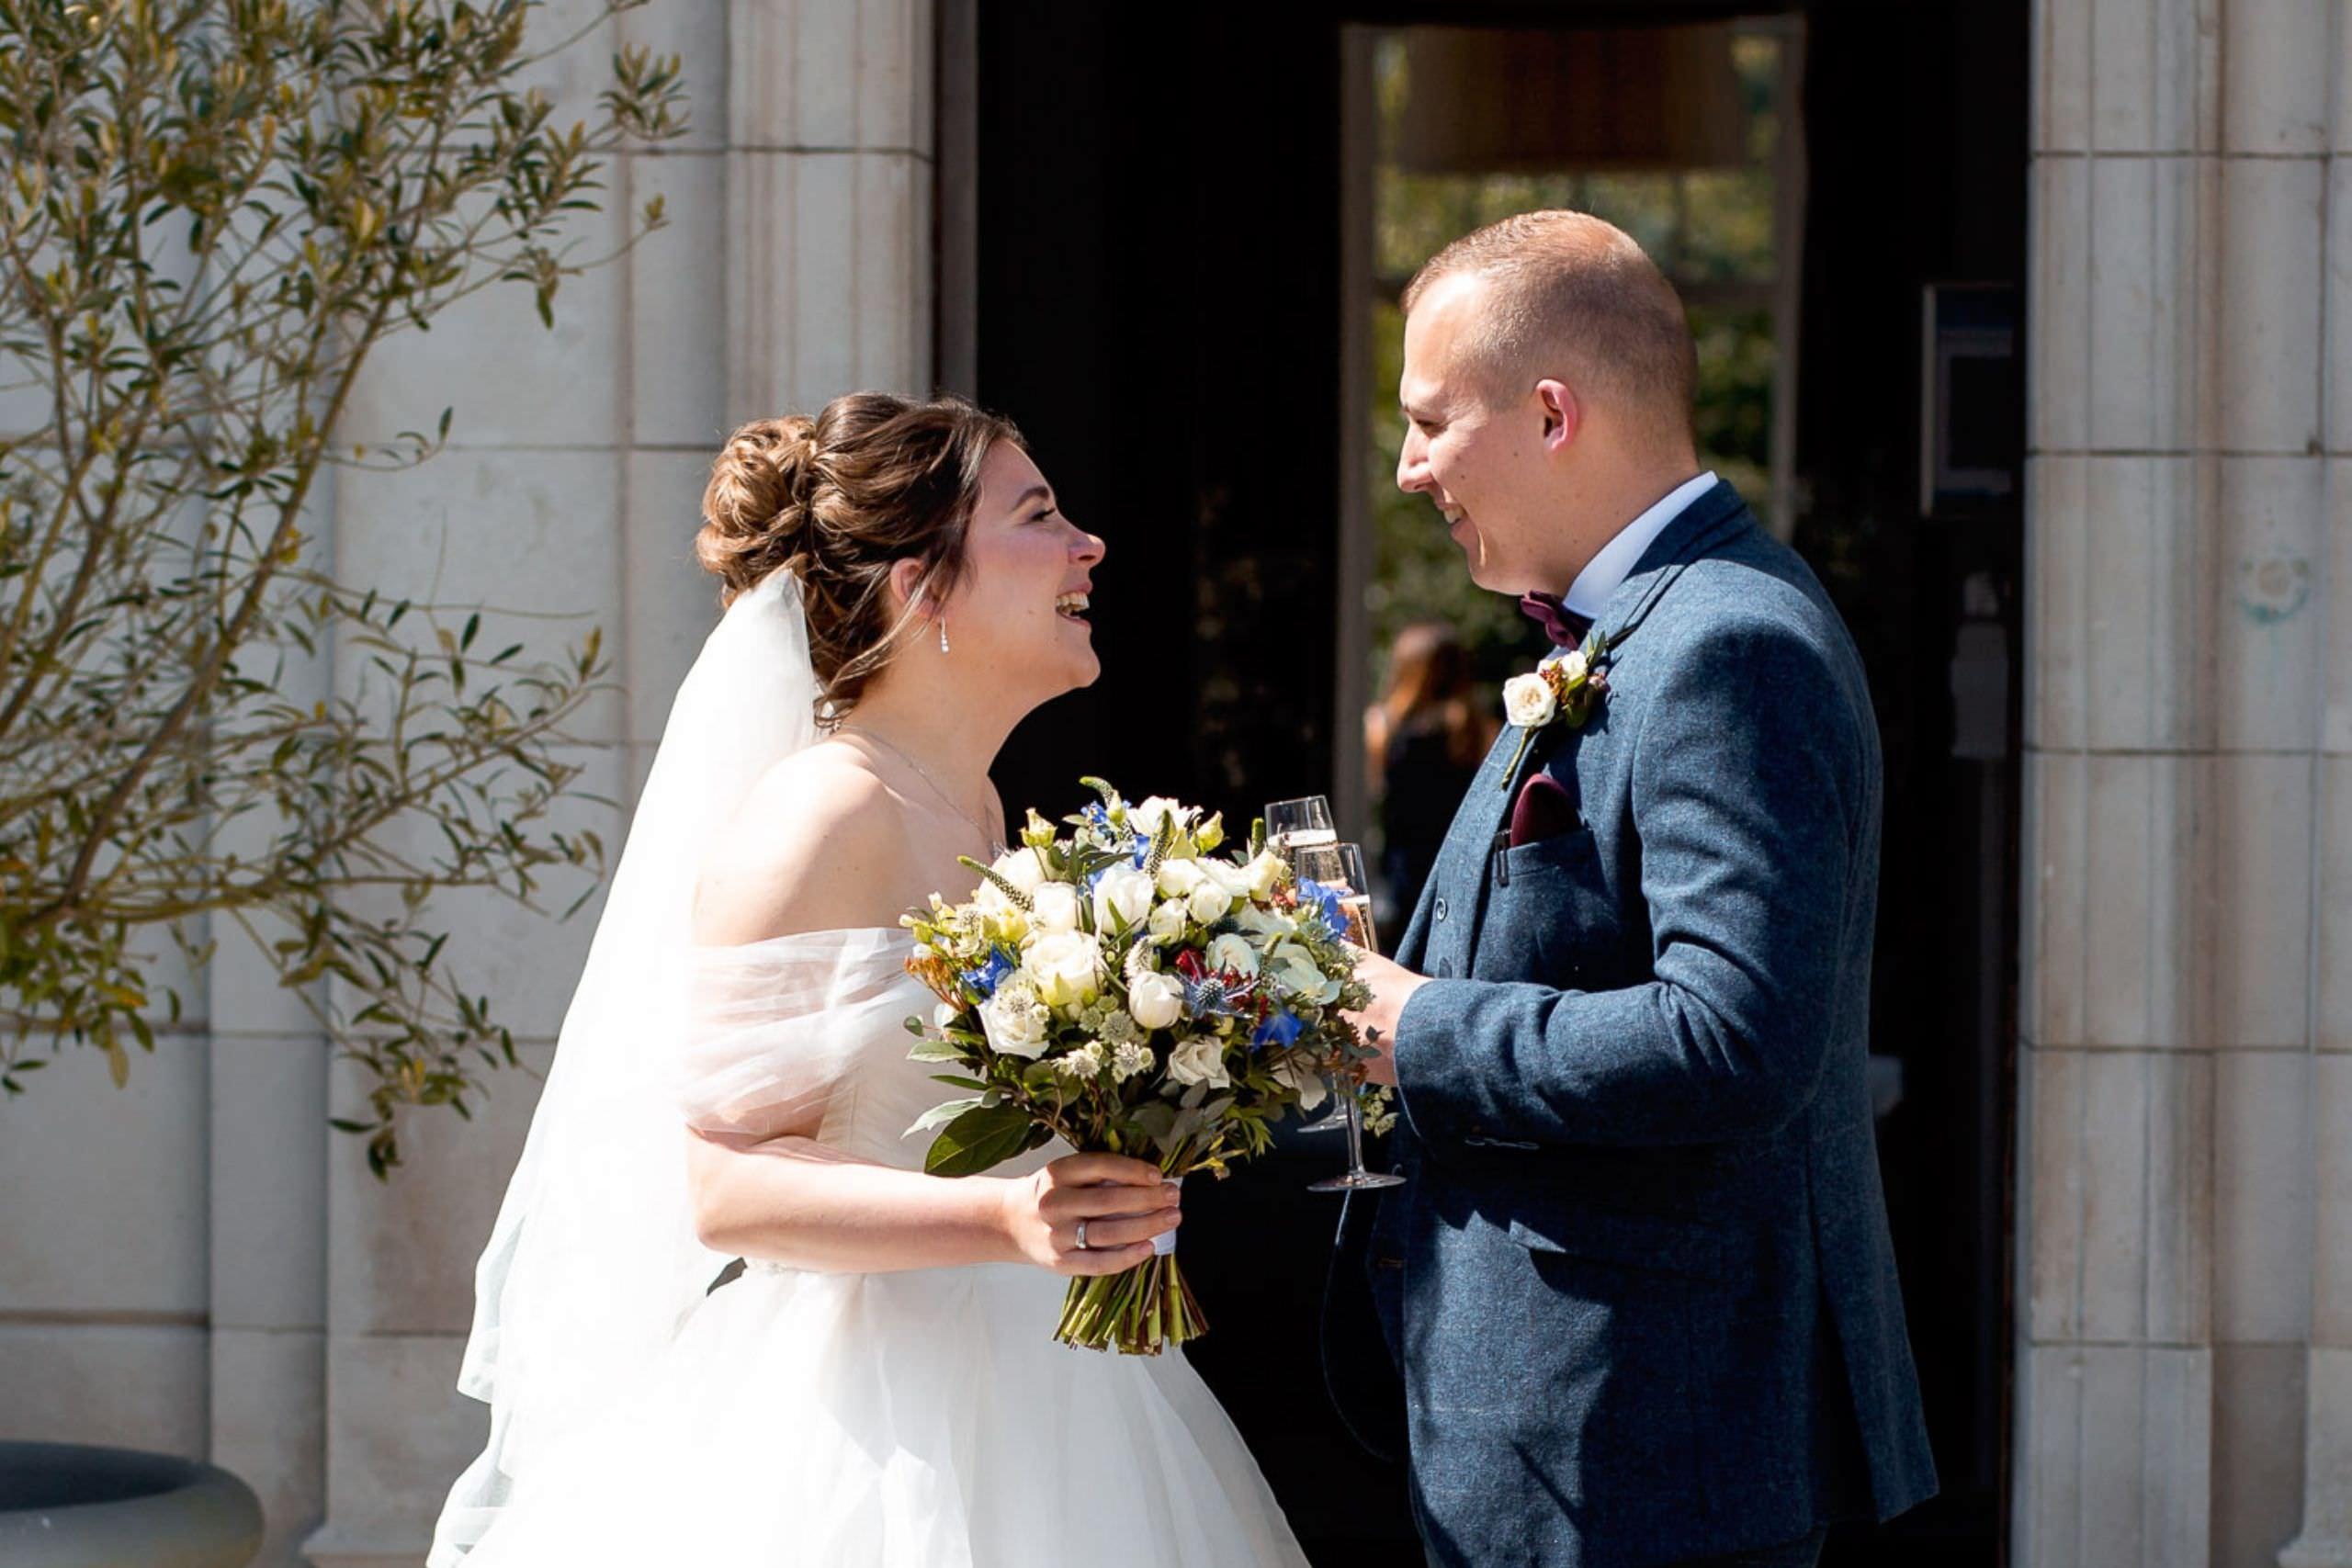 british wedding at gorse hill hotel in surrey